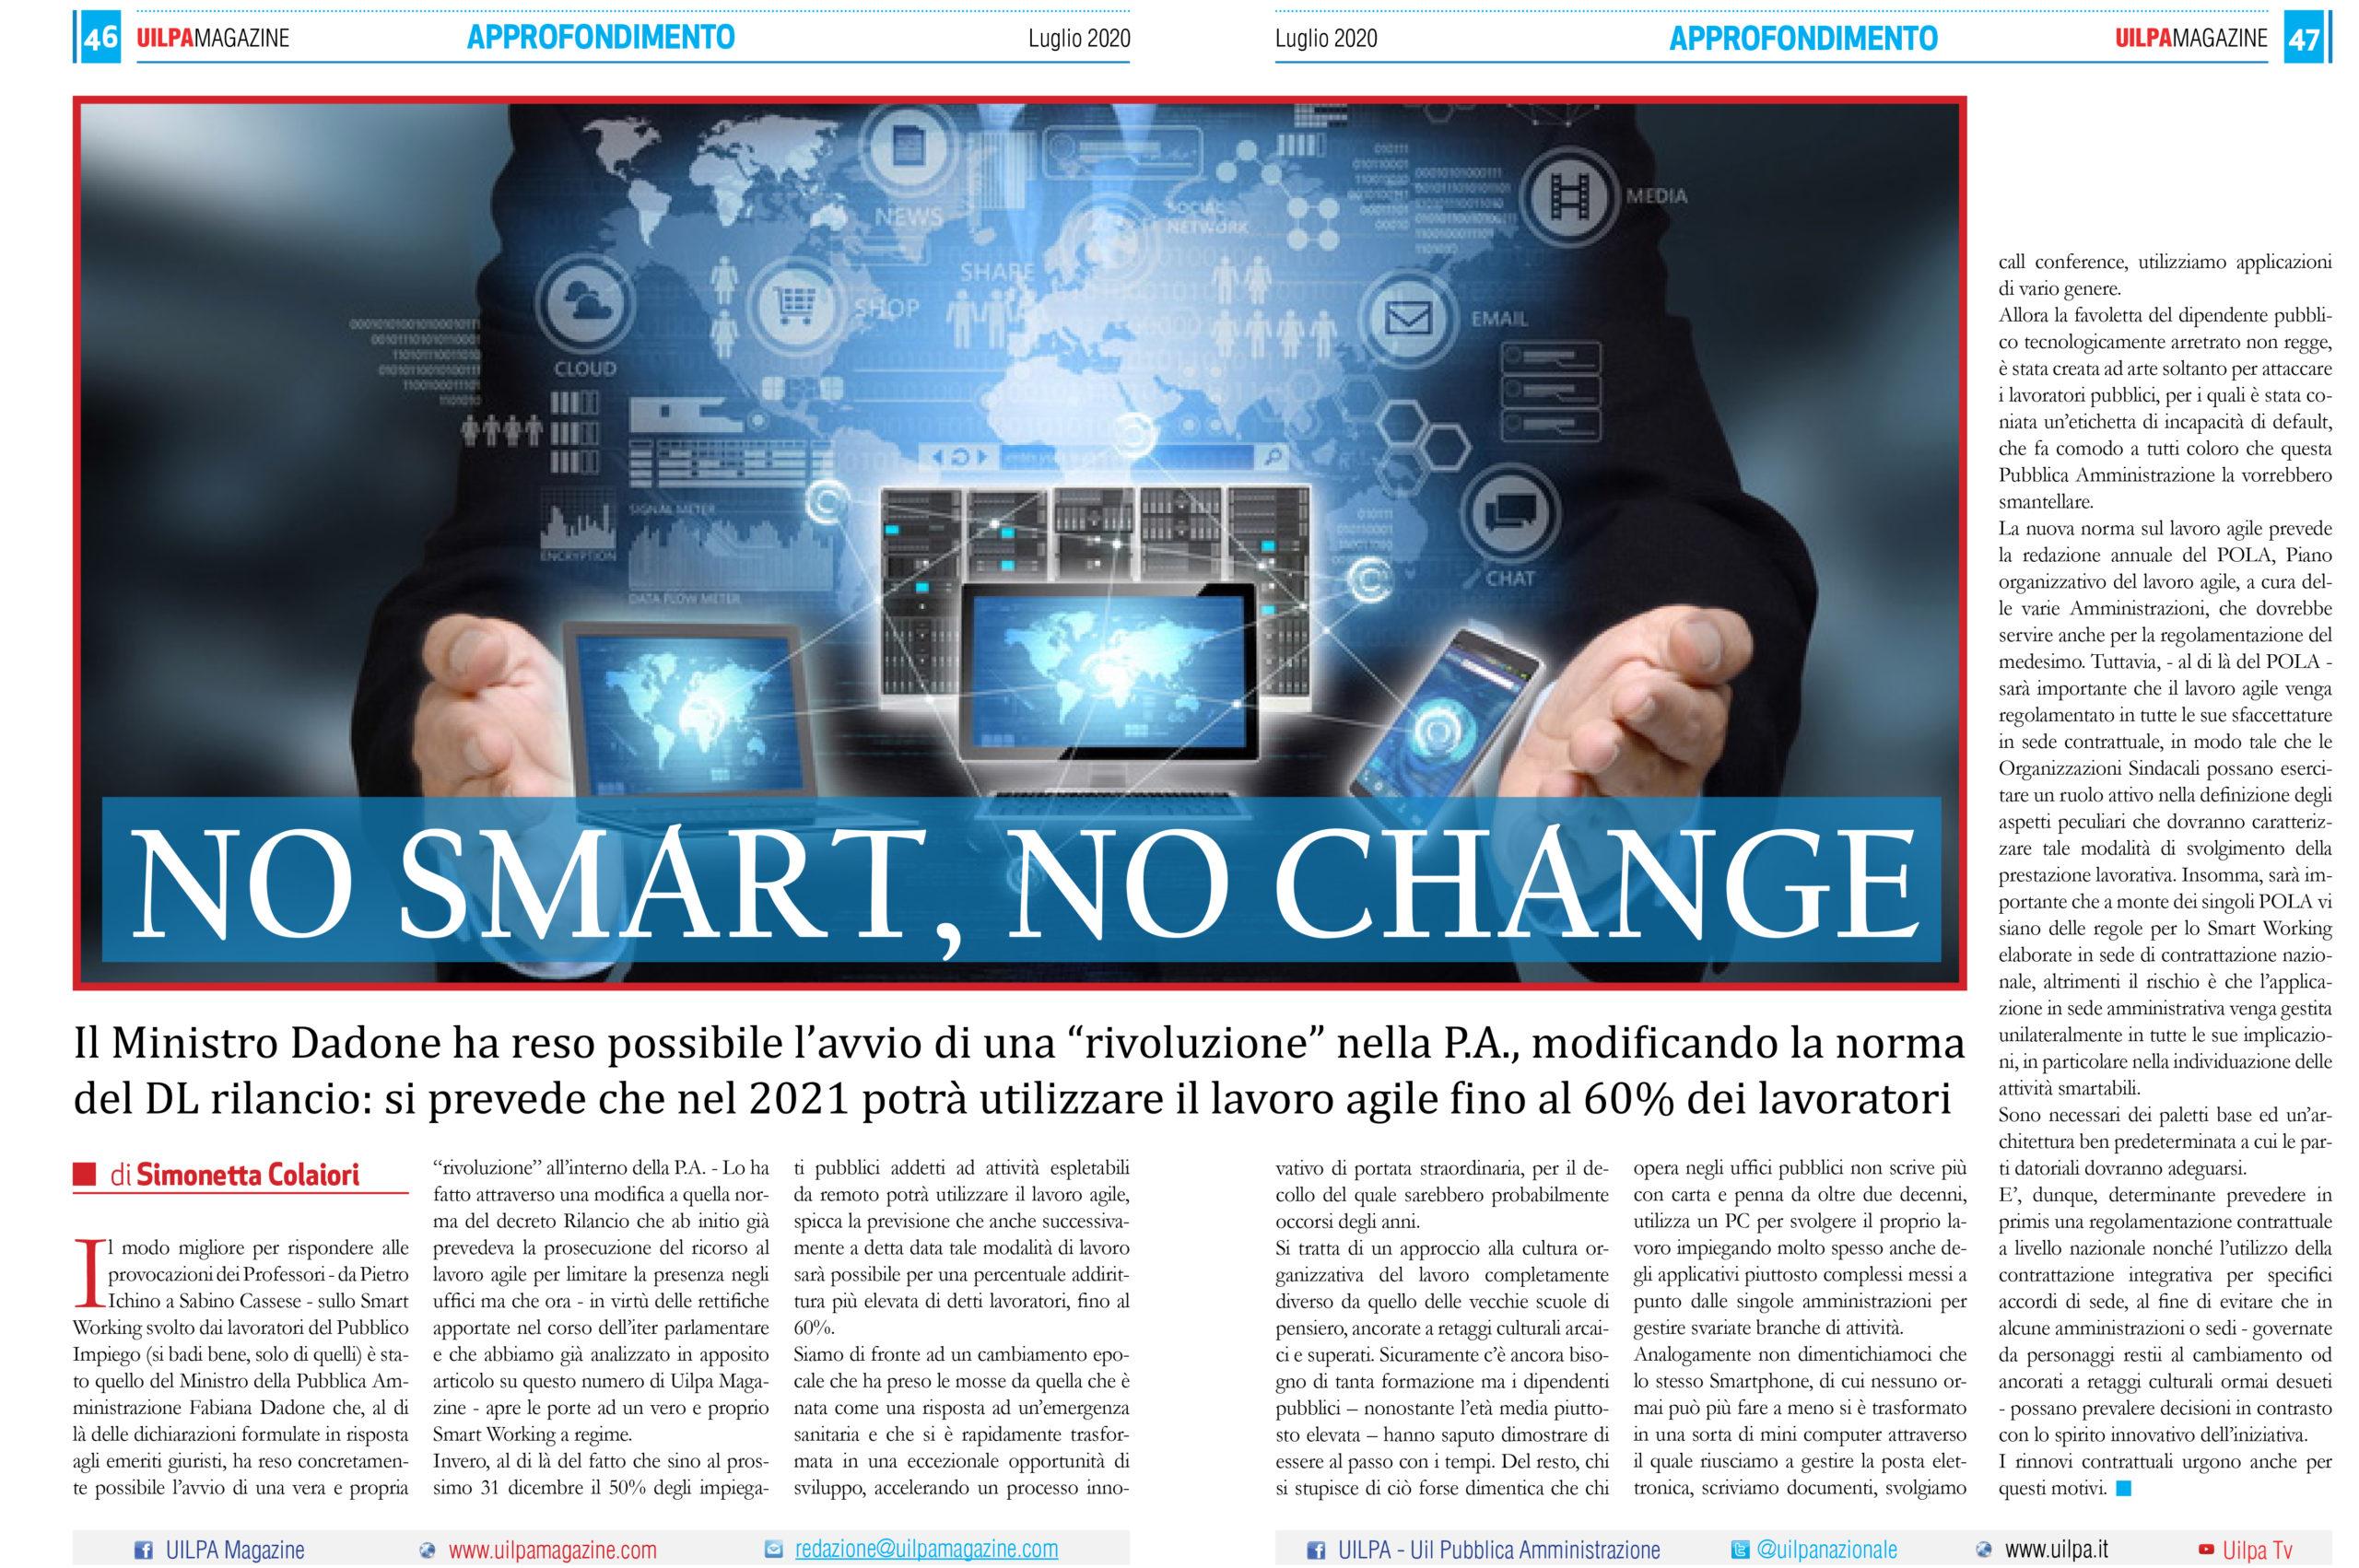 No Smart, no change